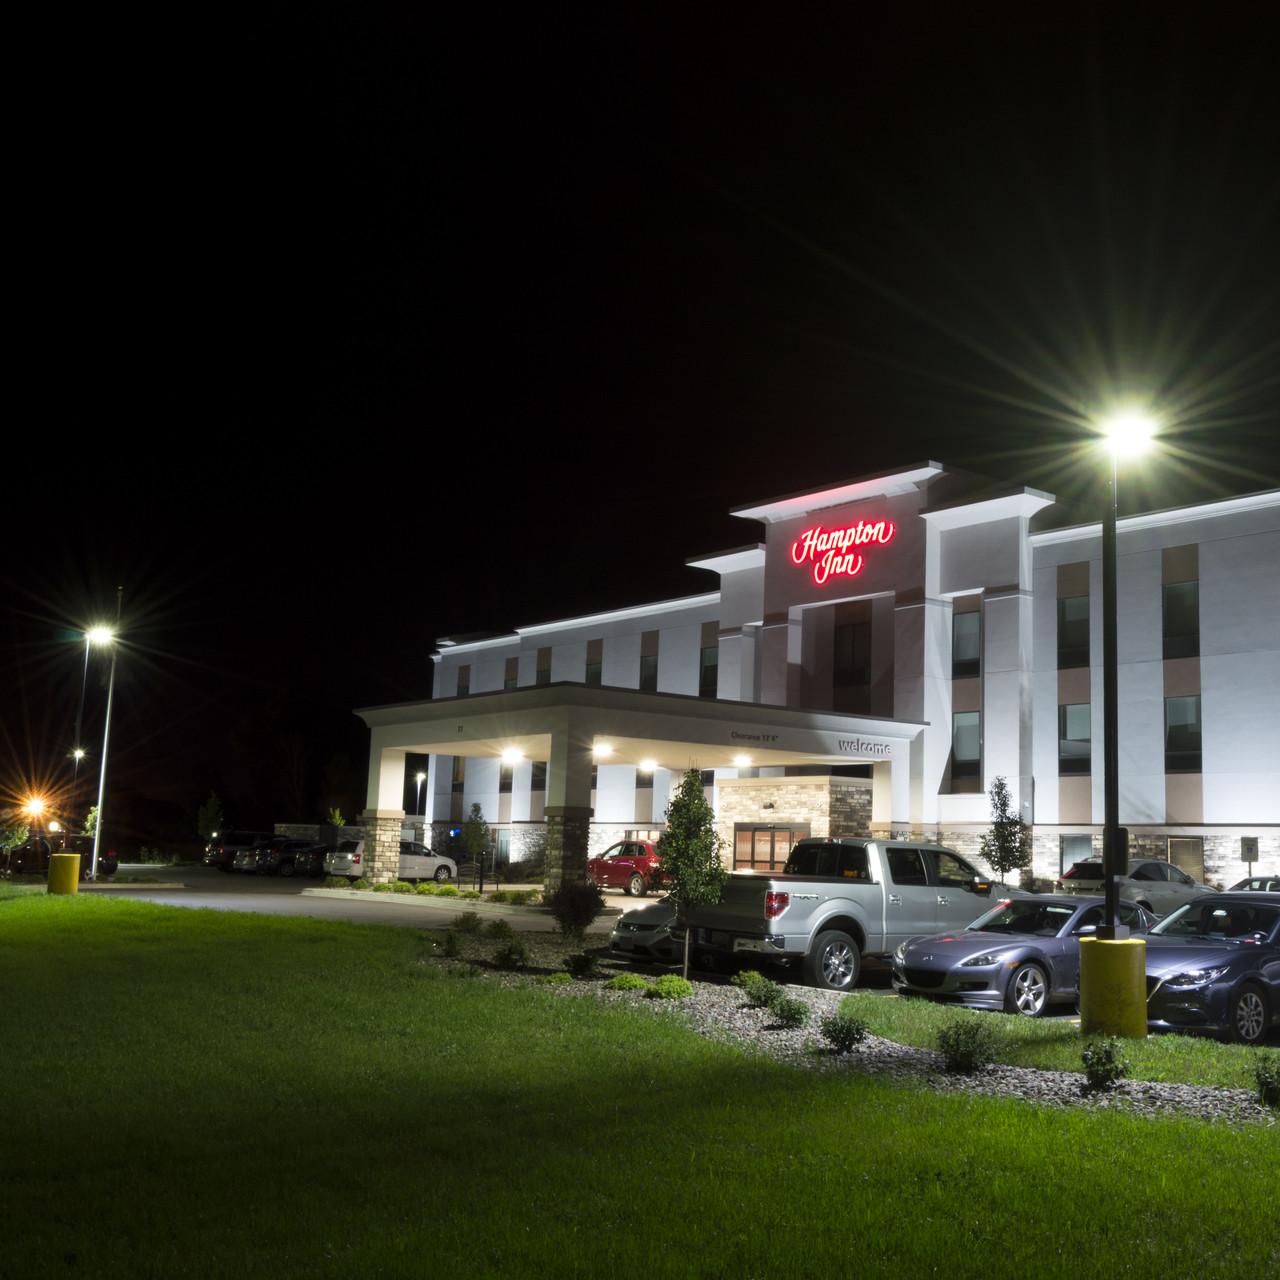 Light Poles Plus: #1402: Hampton Inn Parking Lot